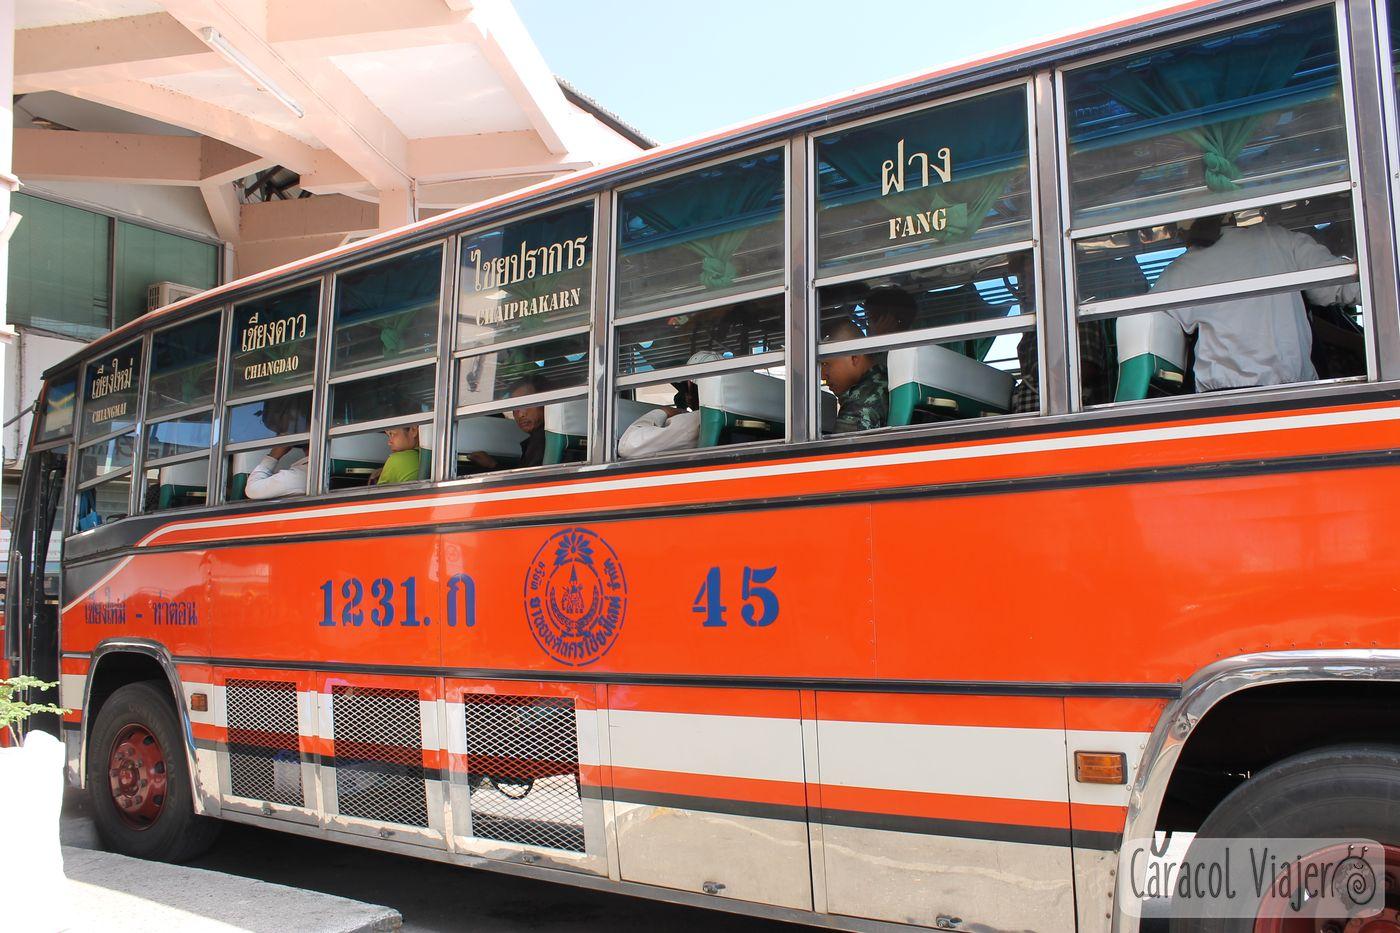 Chiang Dao Bus Fang